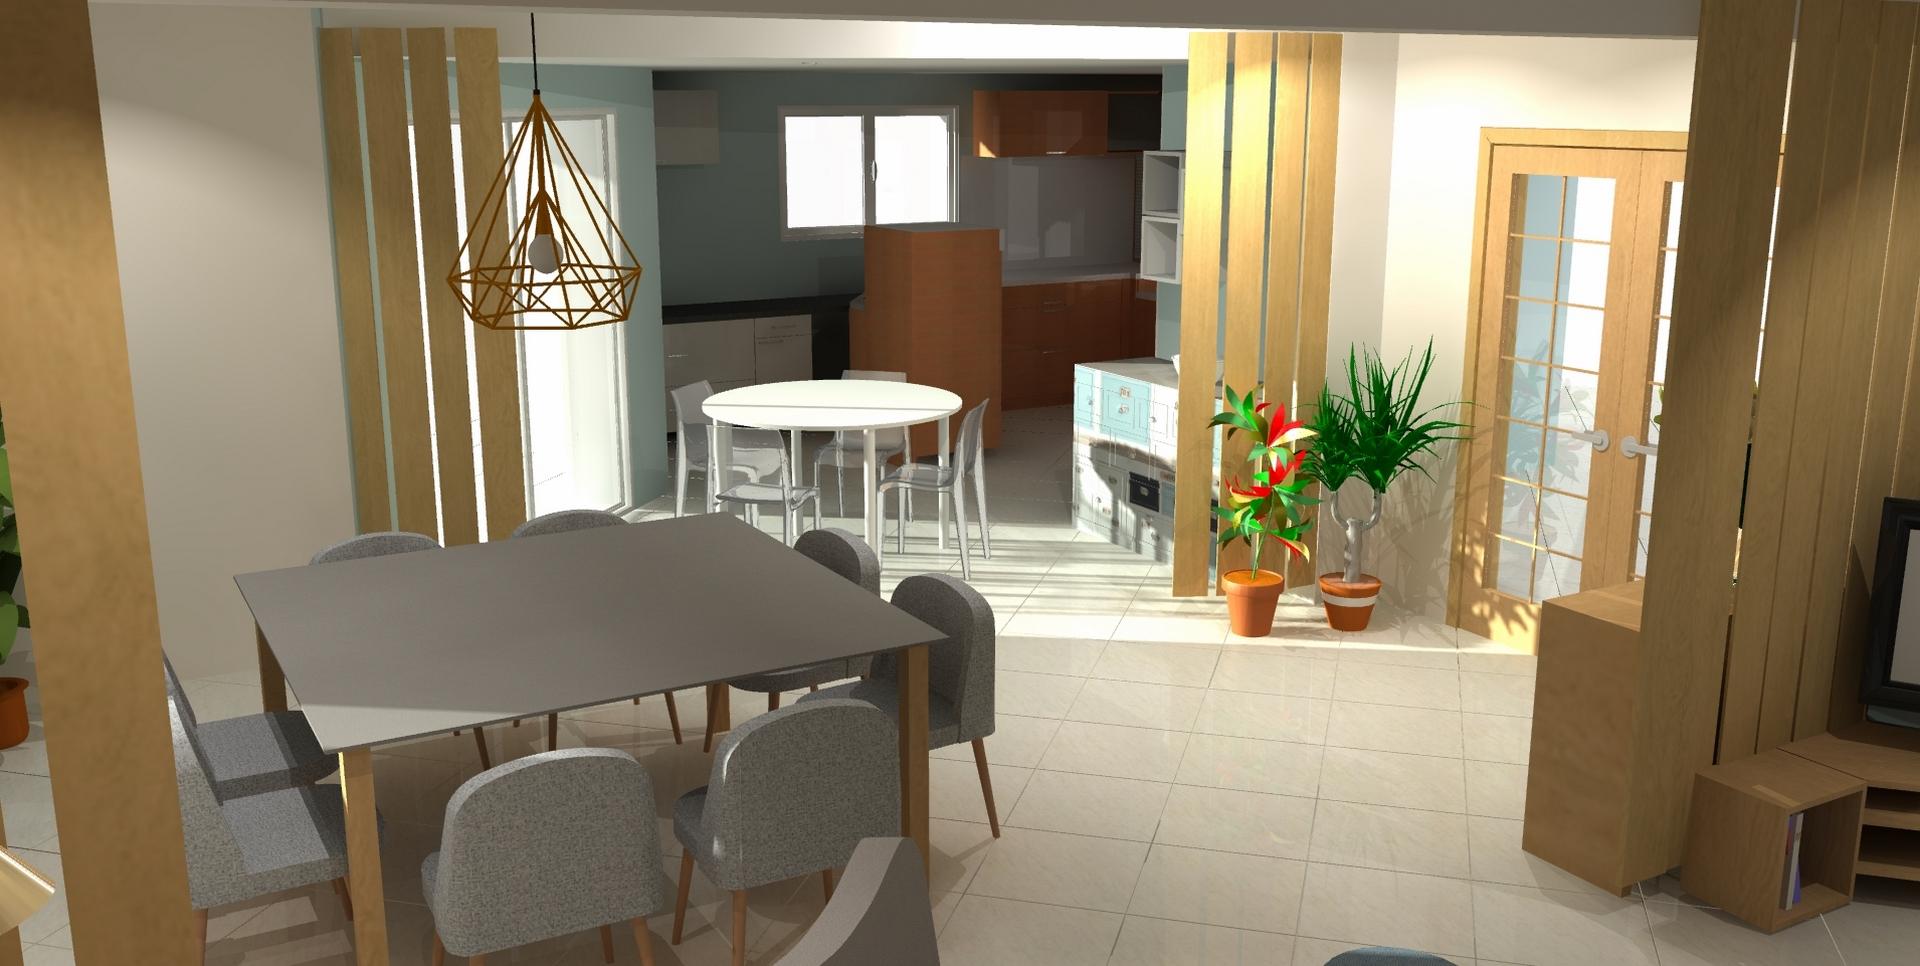 aménagement et décoration espace à vivre MH DECO Bas-Rhin